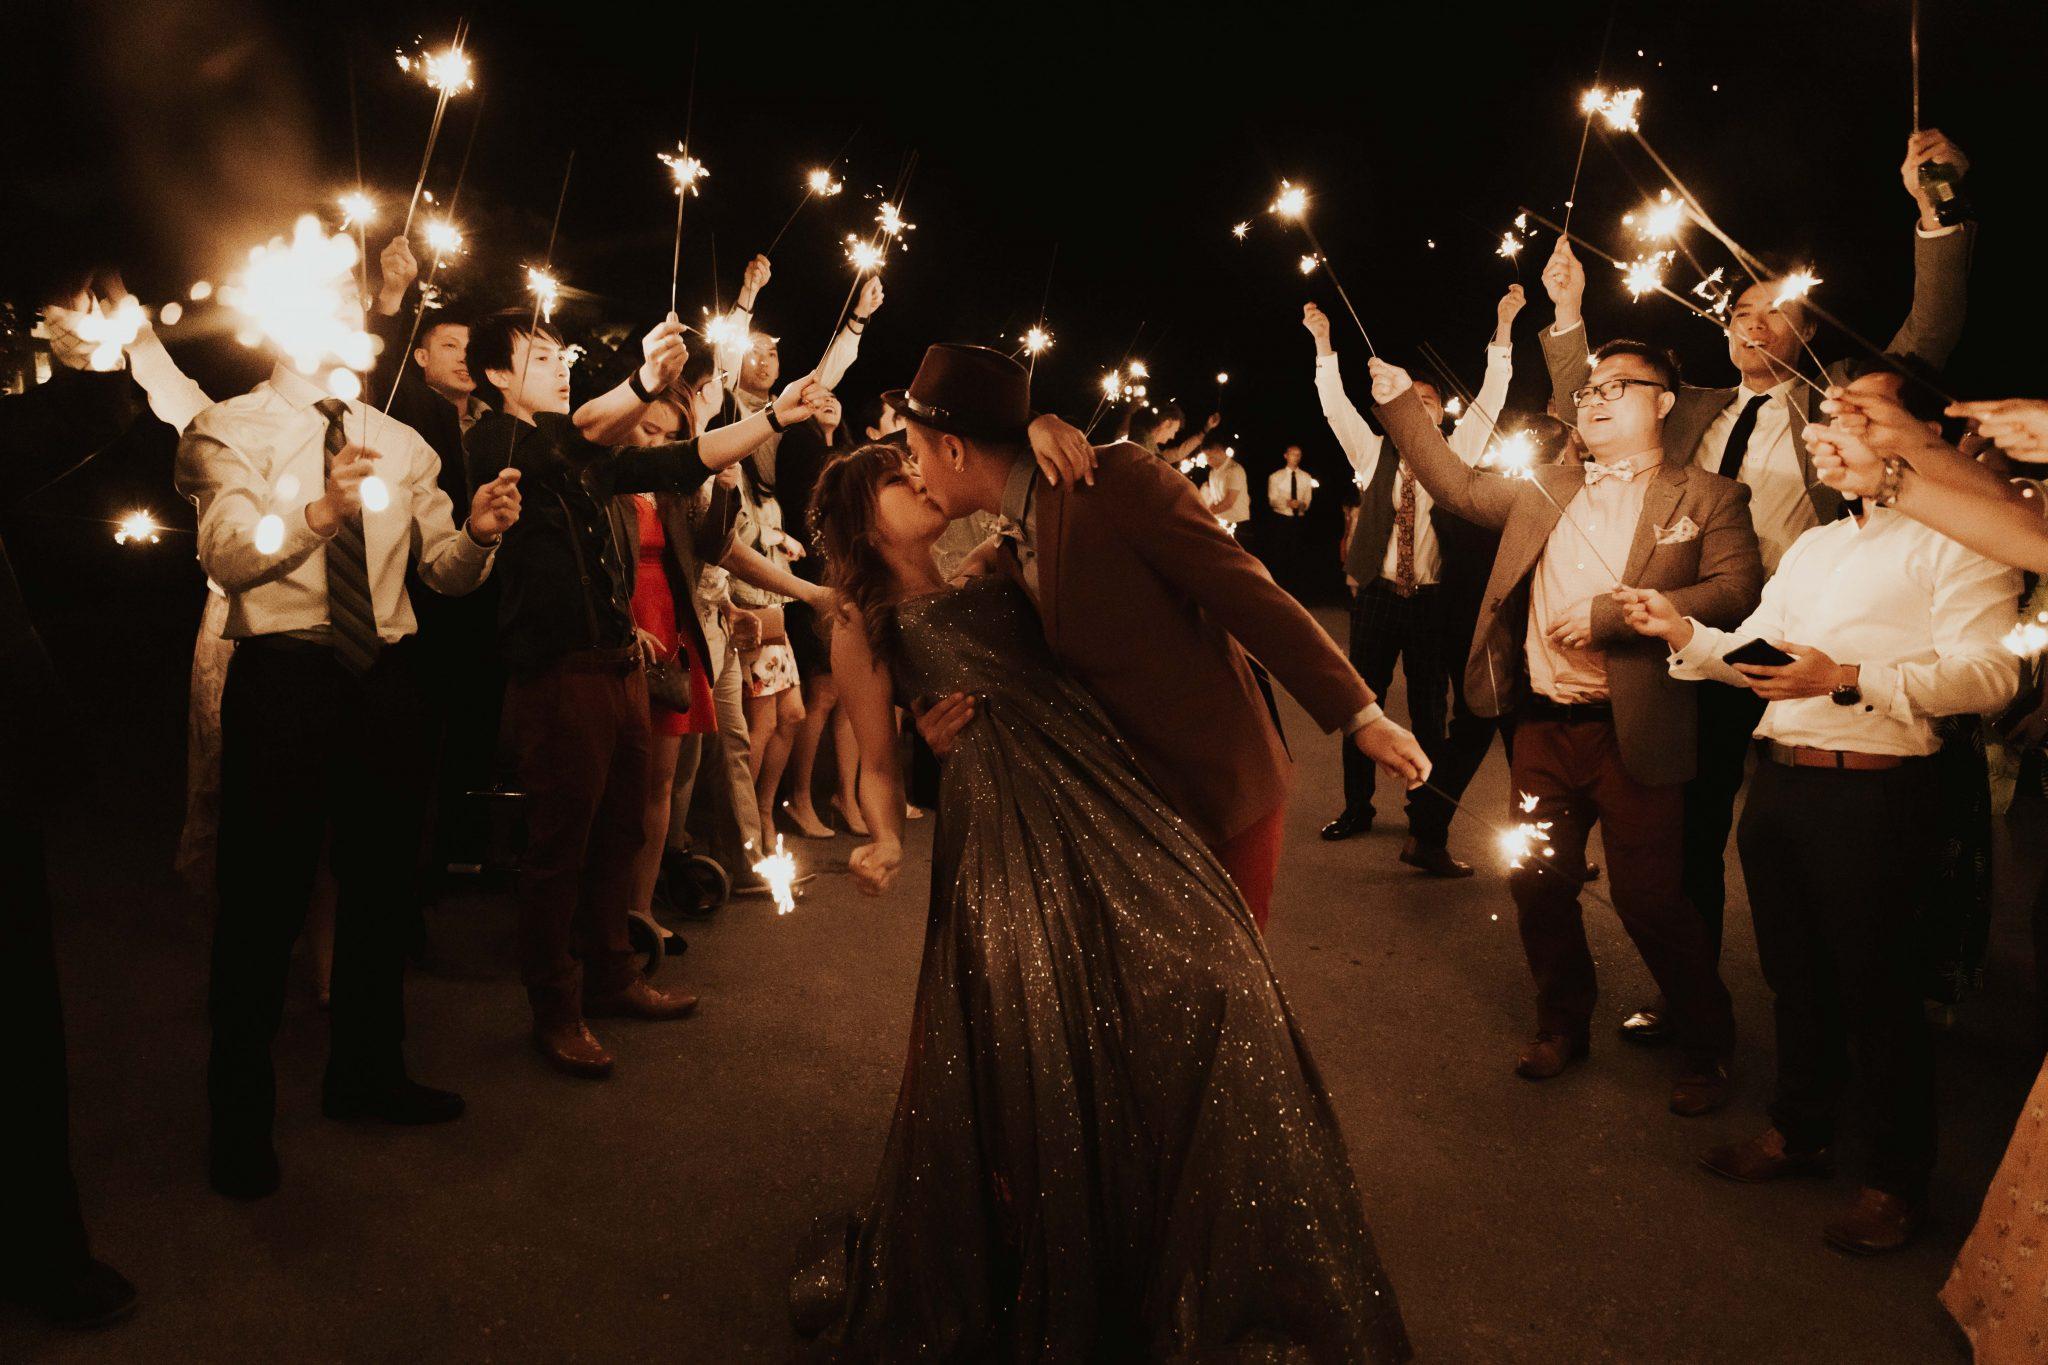 wedding sparkler photos